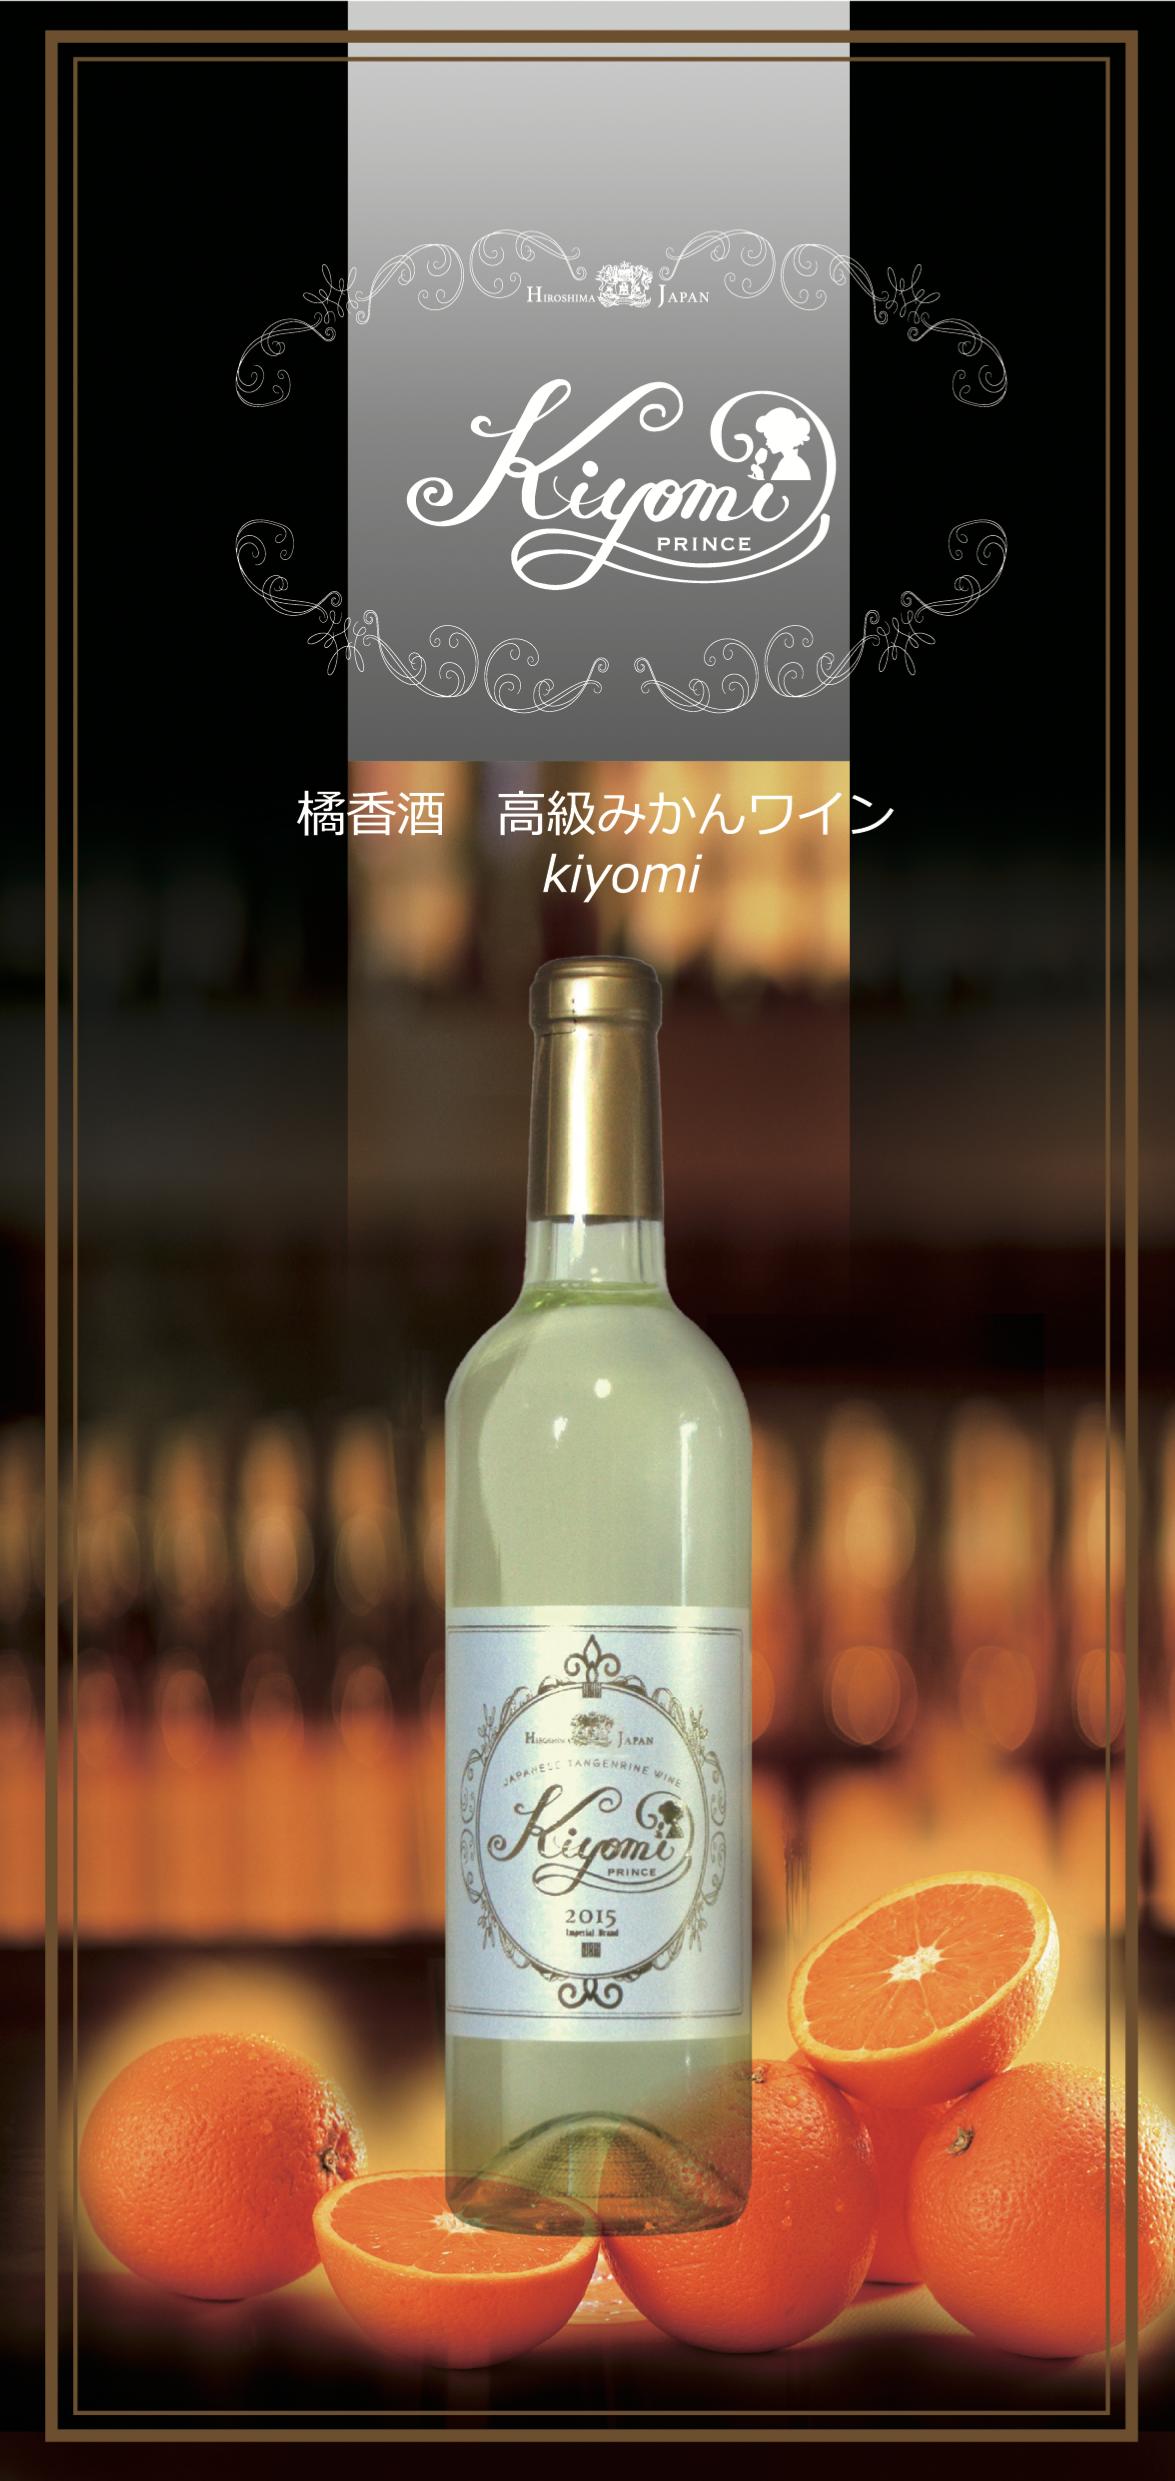 「みかんワインkiyomi」(きたたに(呉市))の試飲販売会を開催!